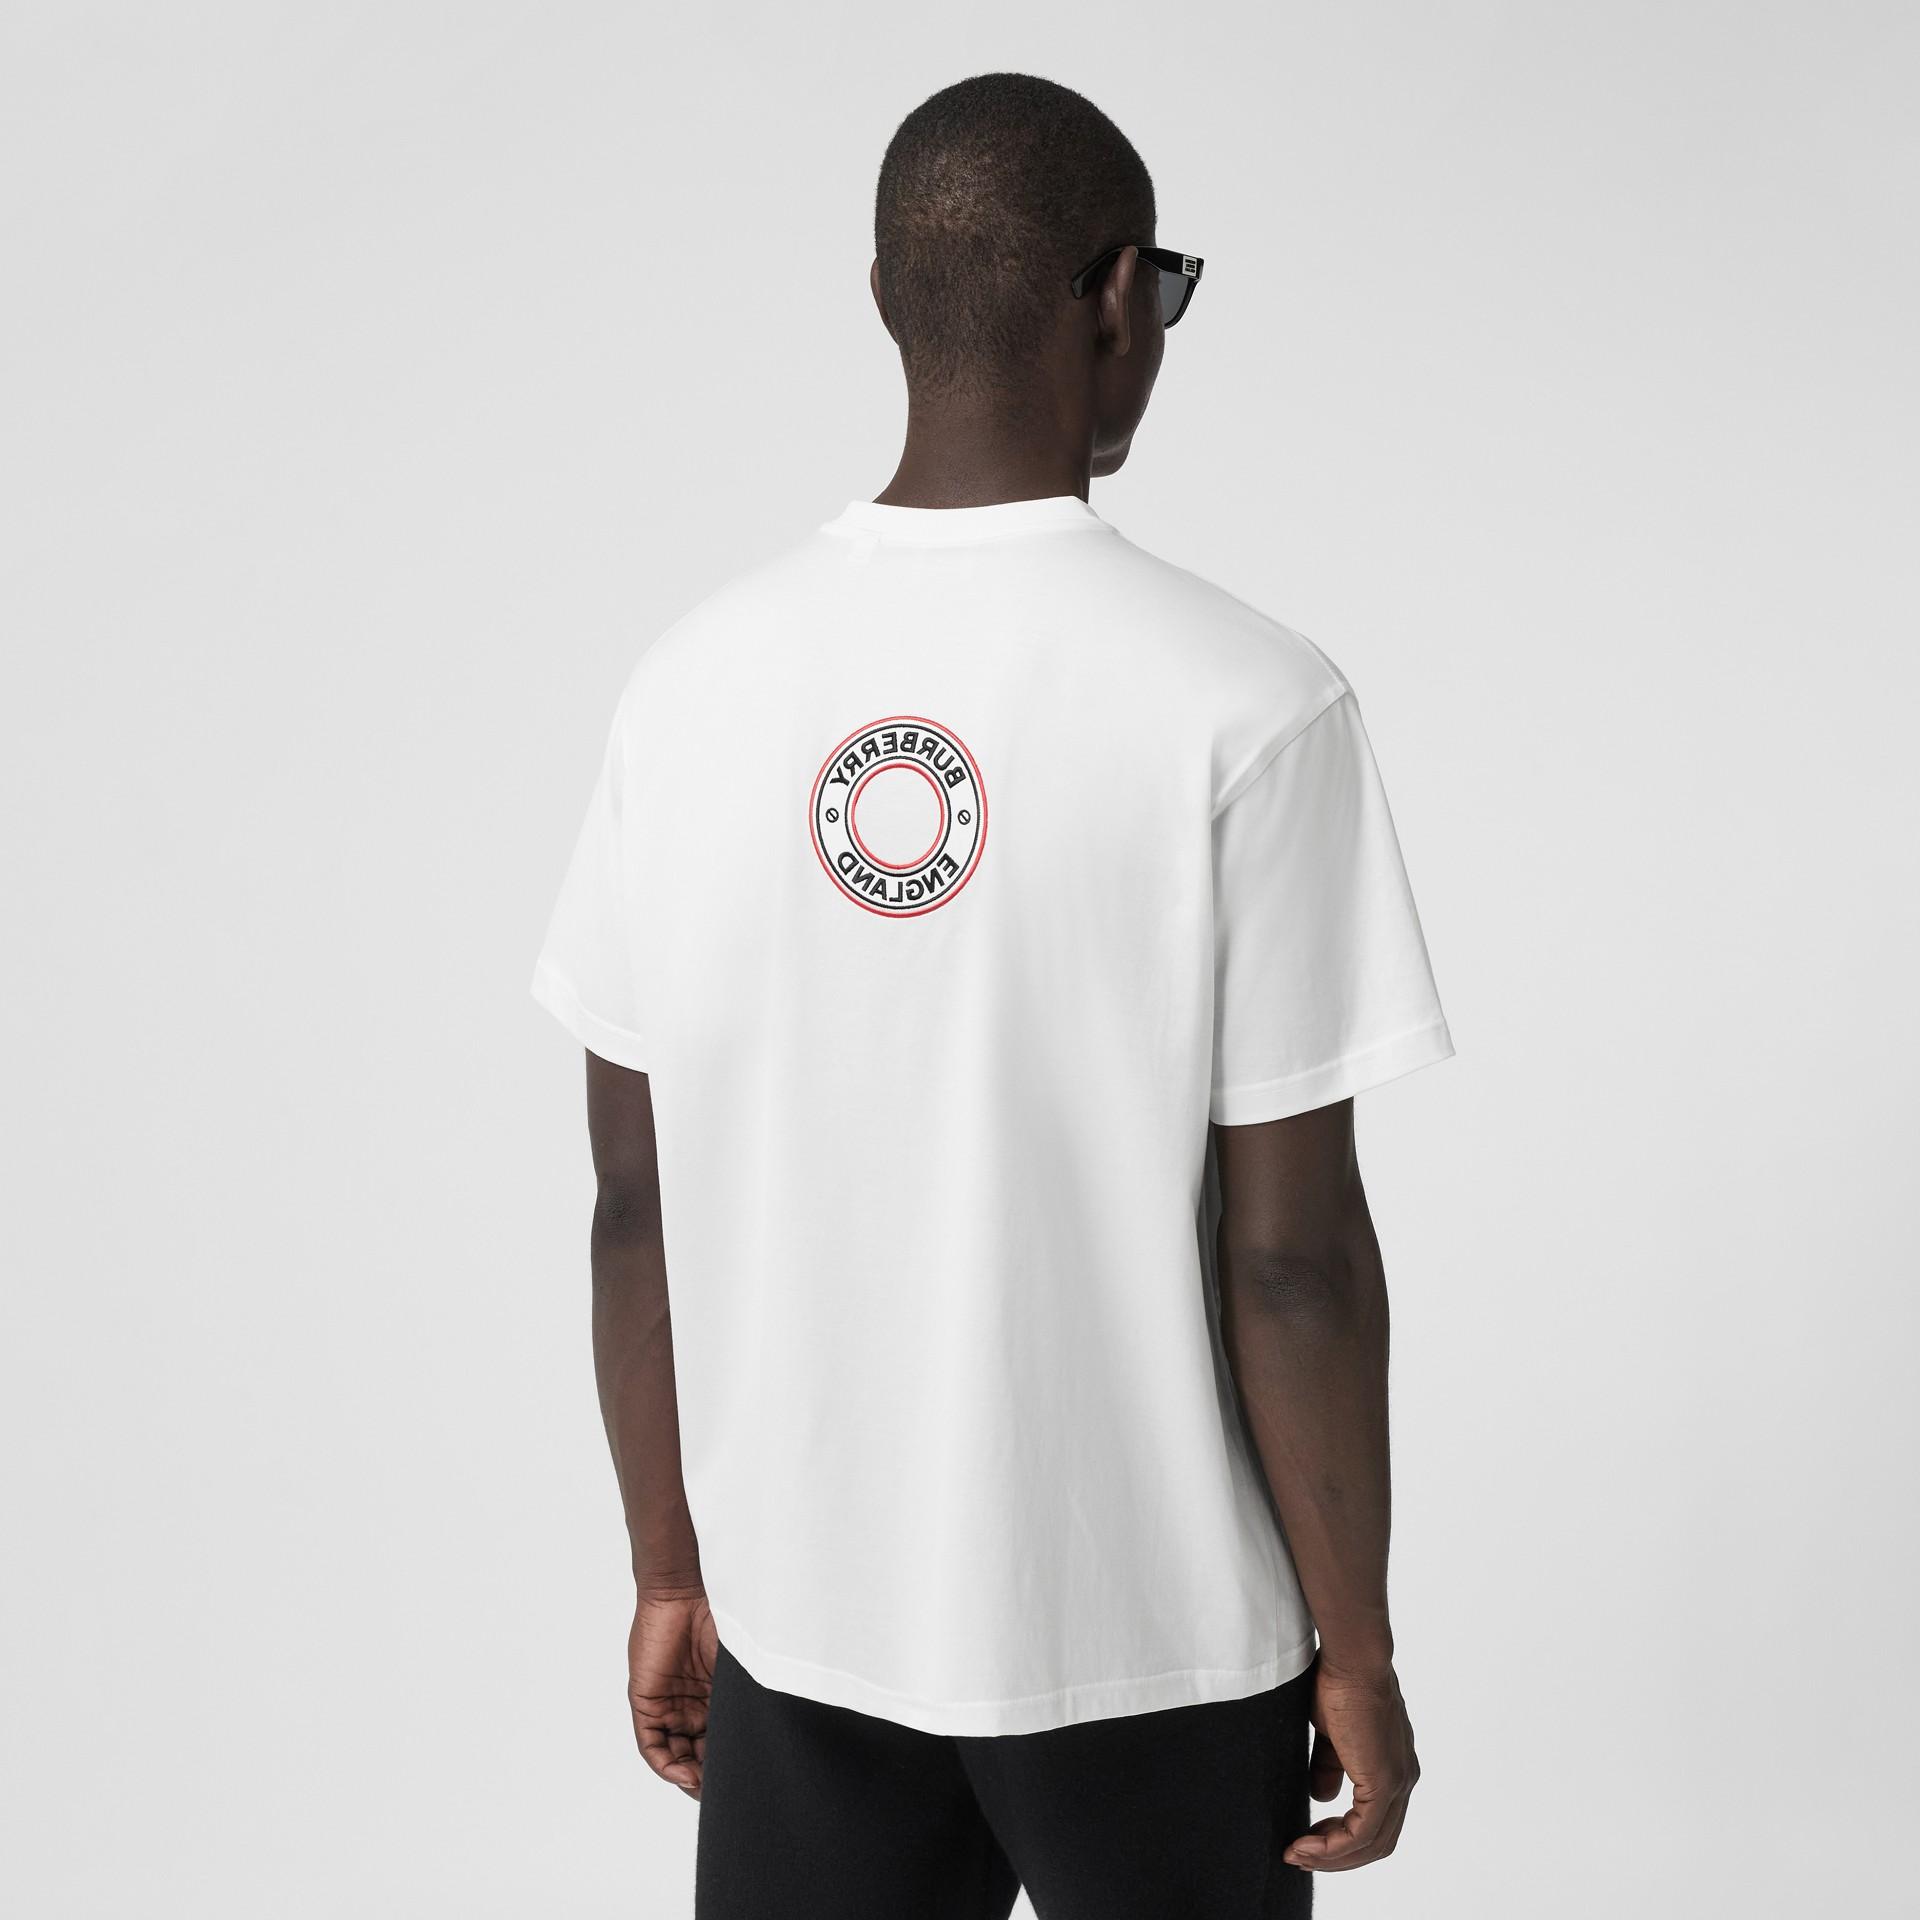 T-shirt oversize in cotone con applicazione con grafica e logo (Bianco) - Uomo | Burberry - immagine della galleria 2